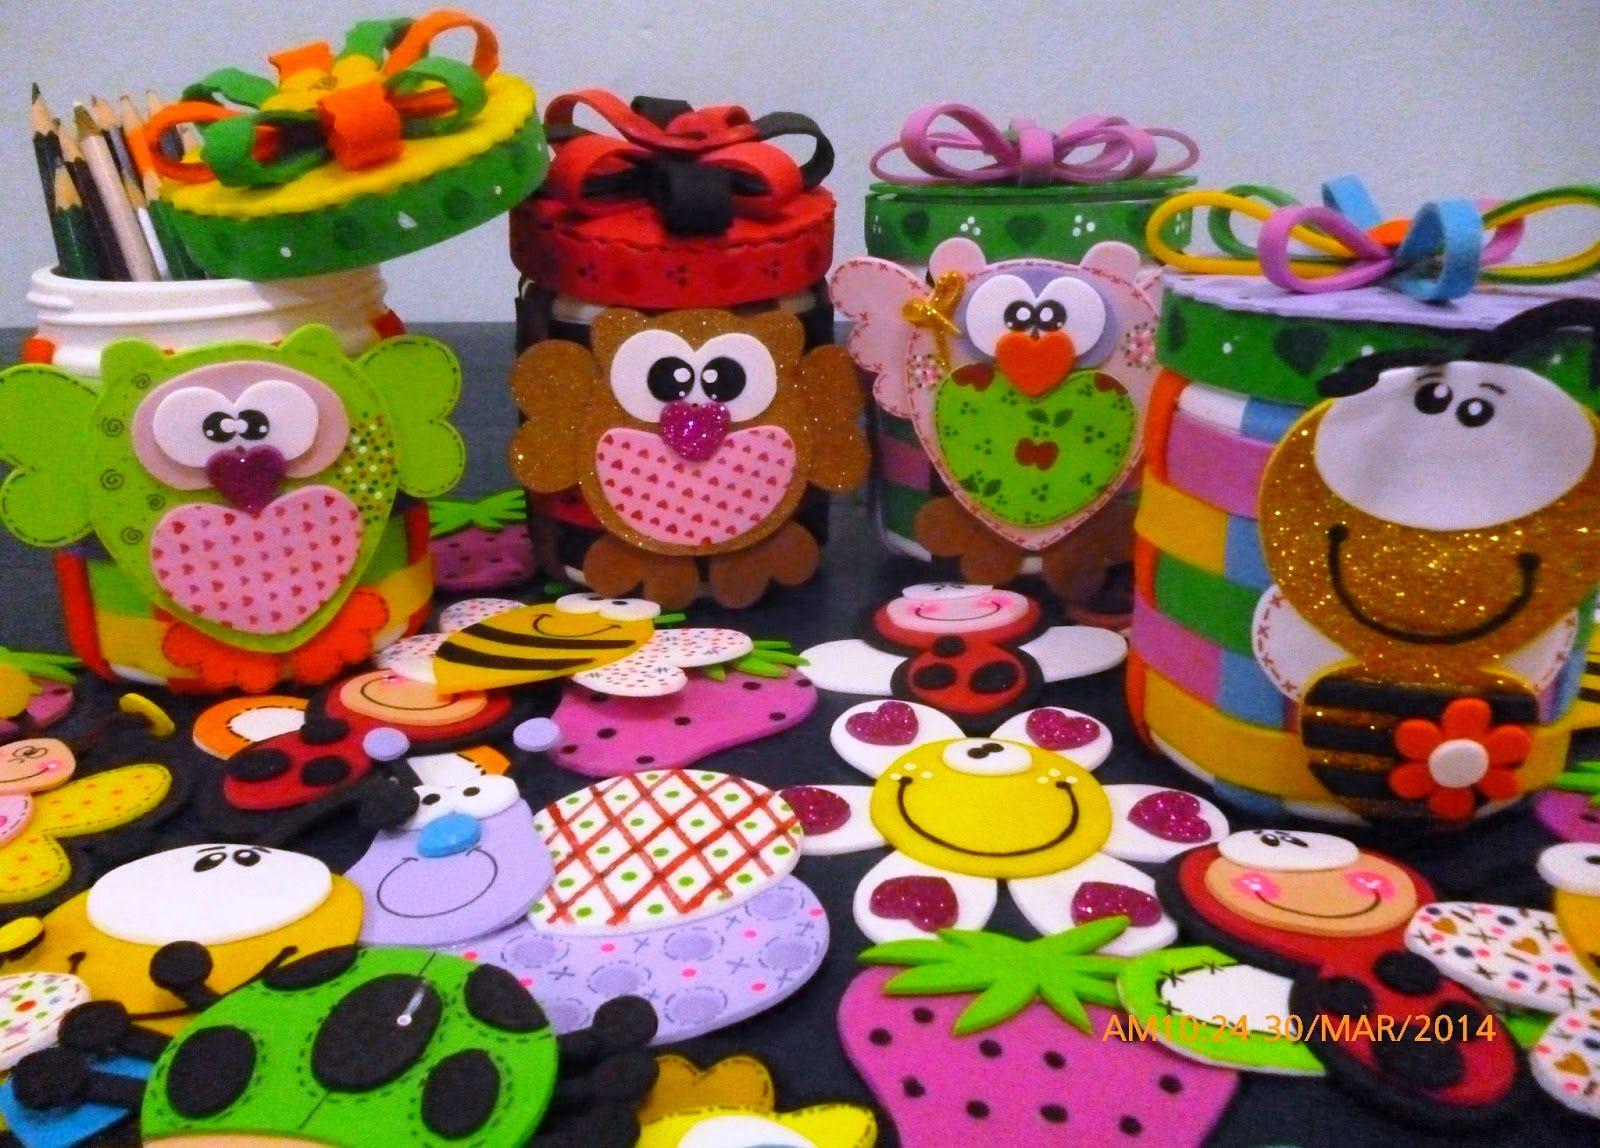 Cuchituras manualidades envases multiusos cuchi for Envases de vidrio decorados